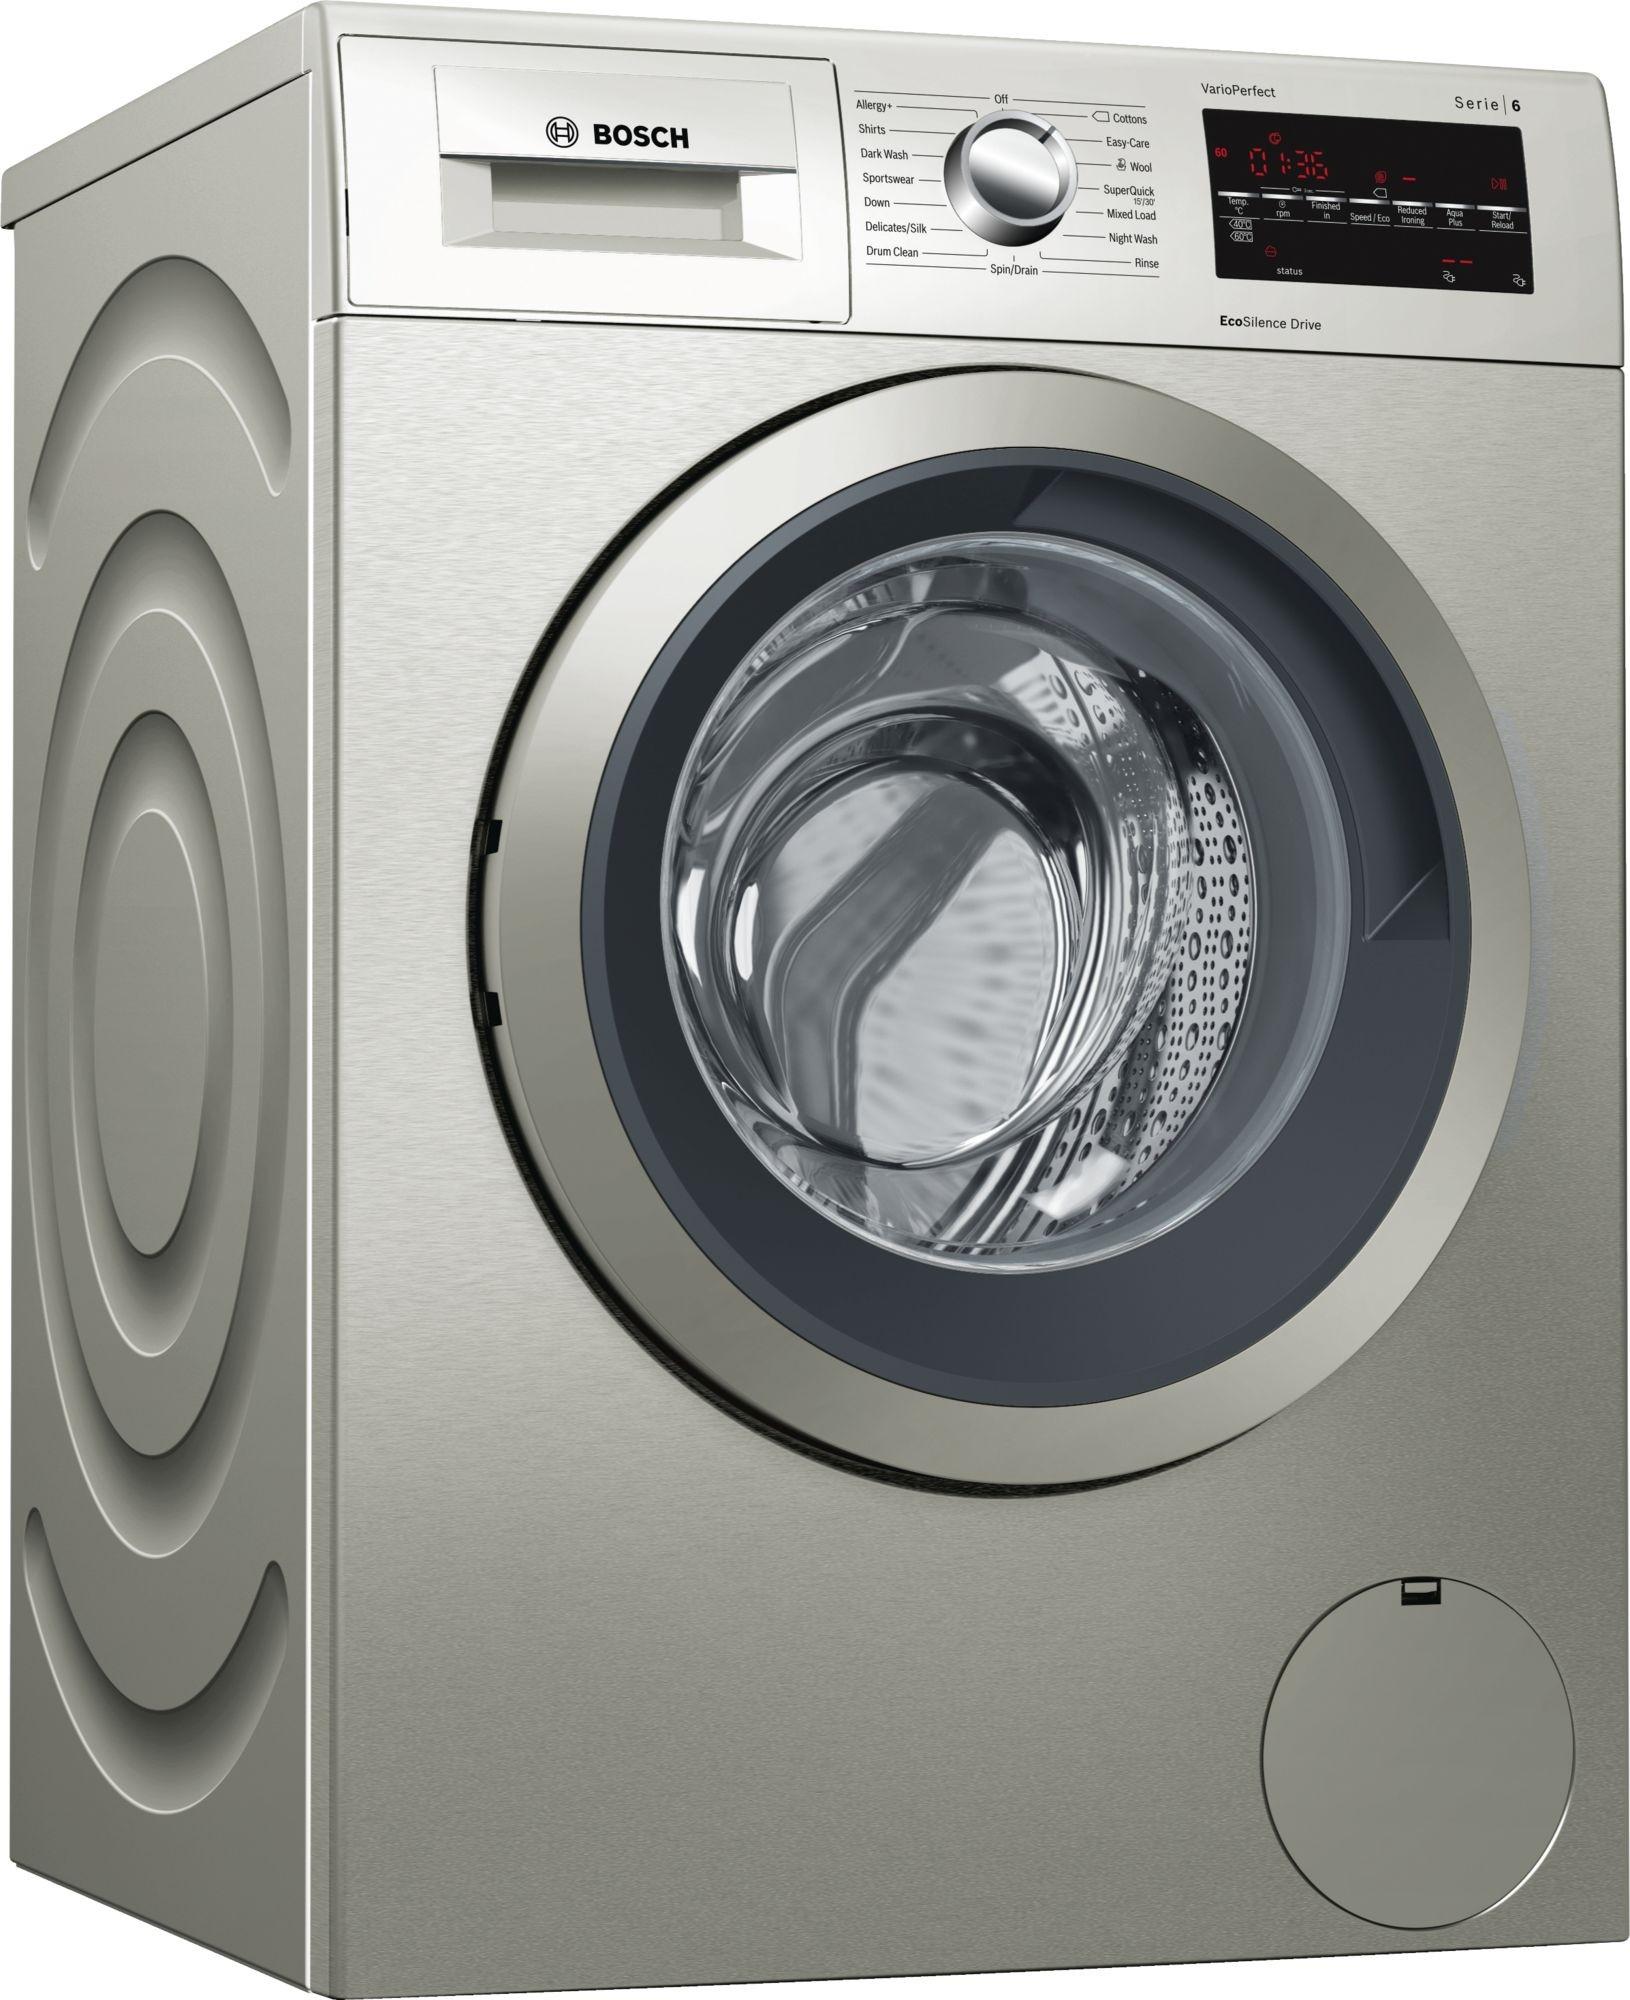 Bosch WAU28TS1GB 9kg 1400rpm Washing Machine